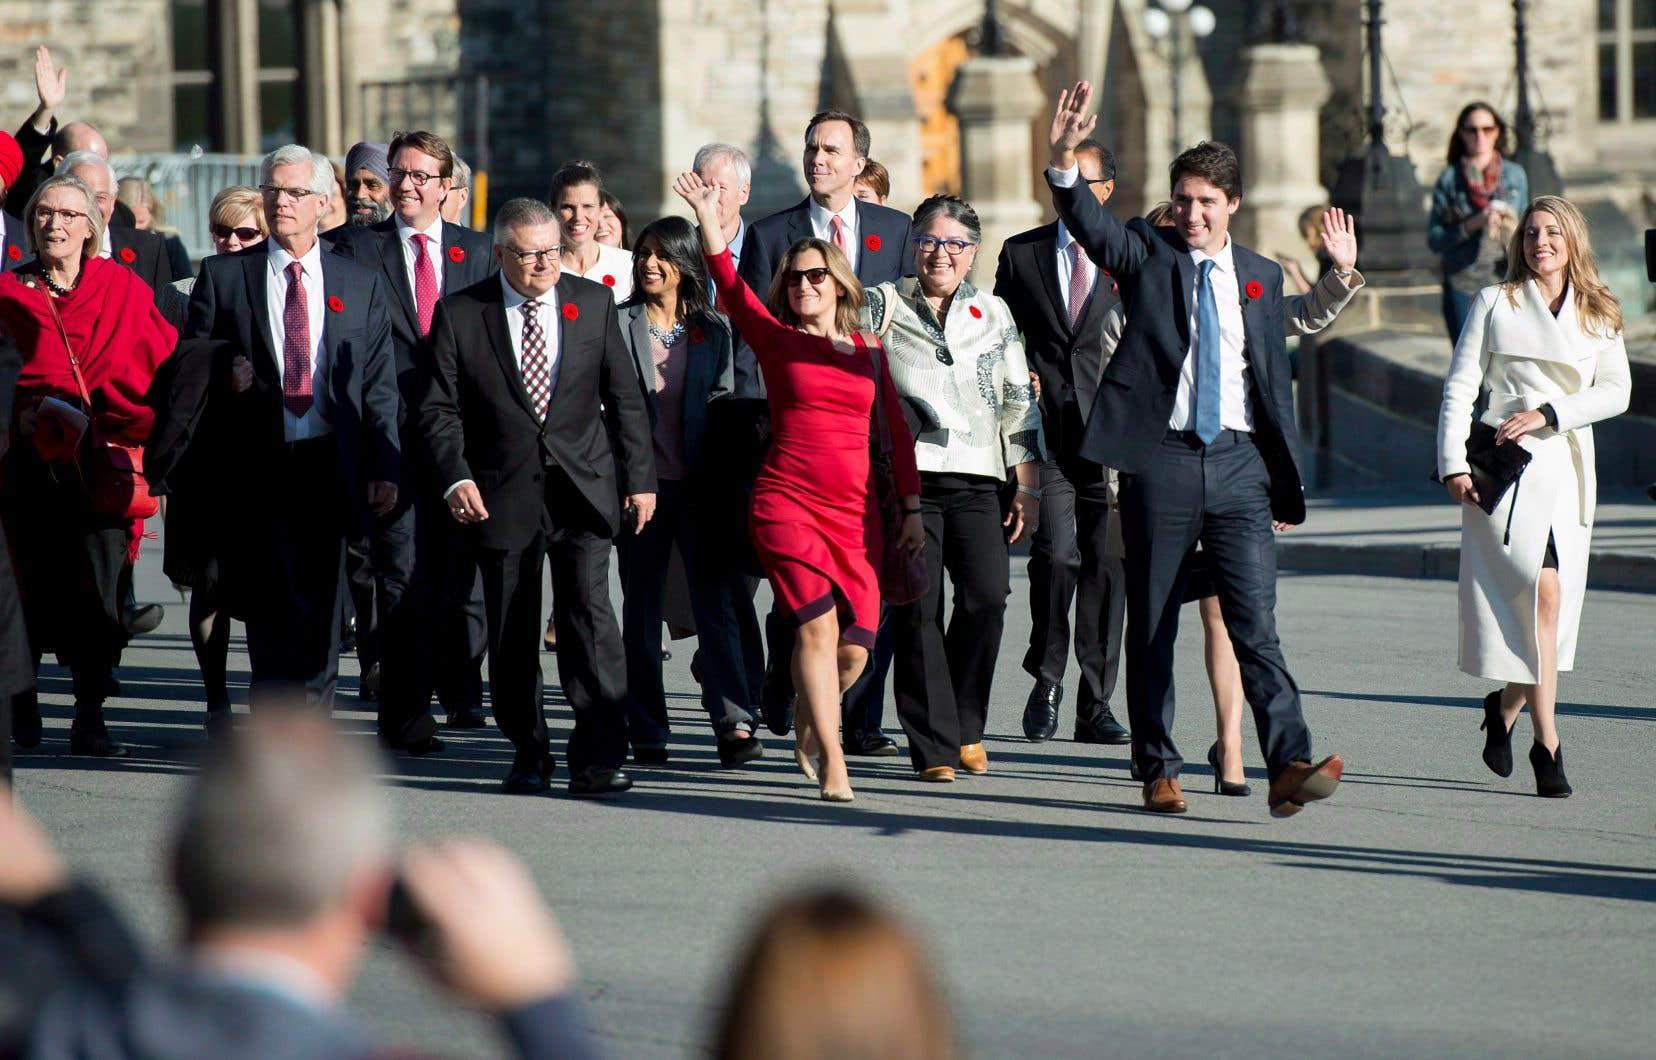 Le premier ministre Justin Trudeau et ses ministres lors de leur arrivée au Parlement le 4novembre 2015